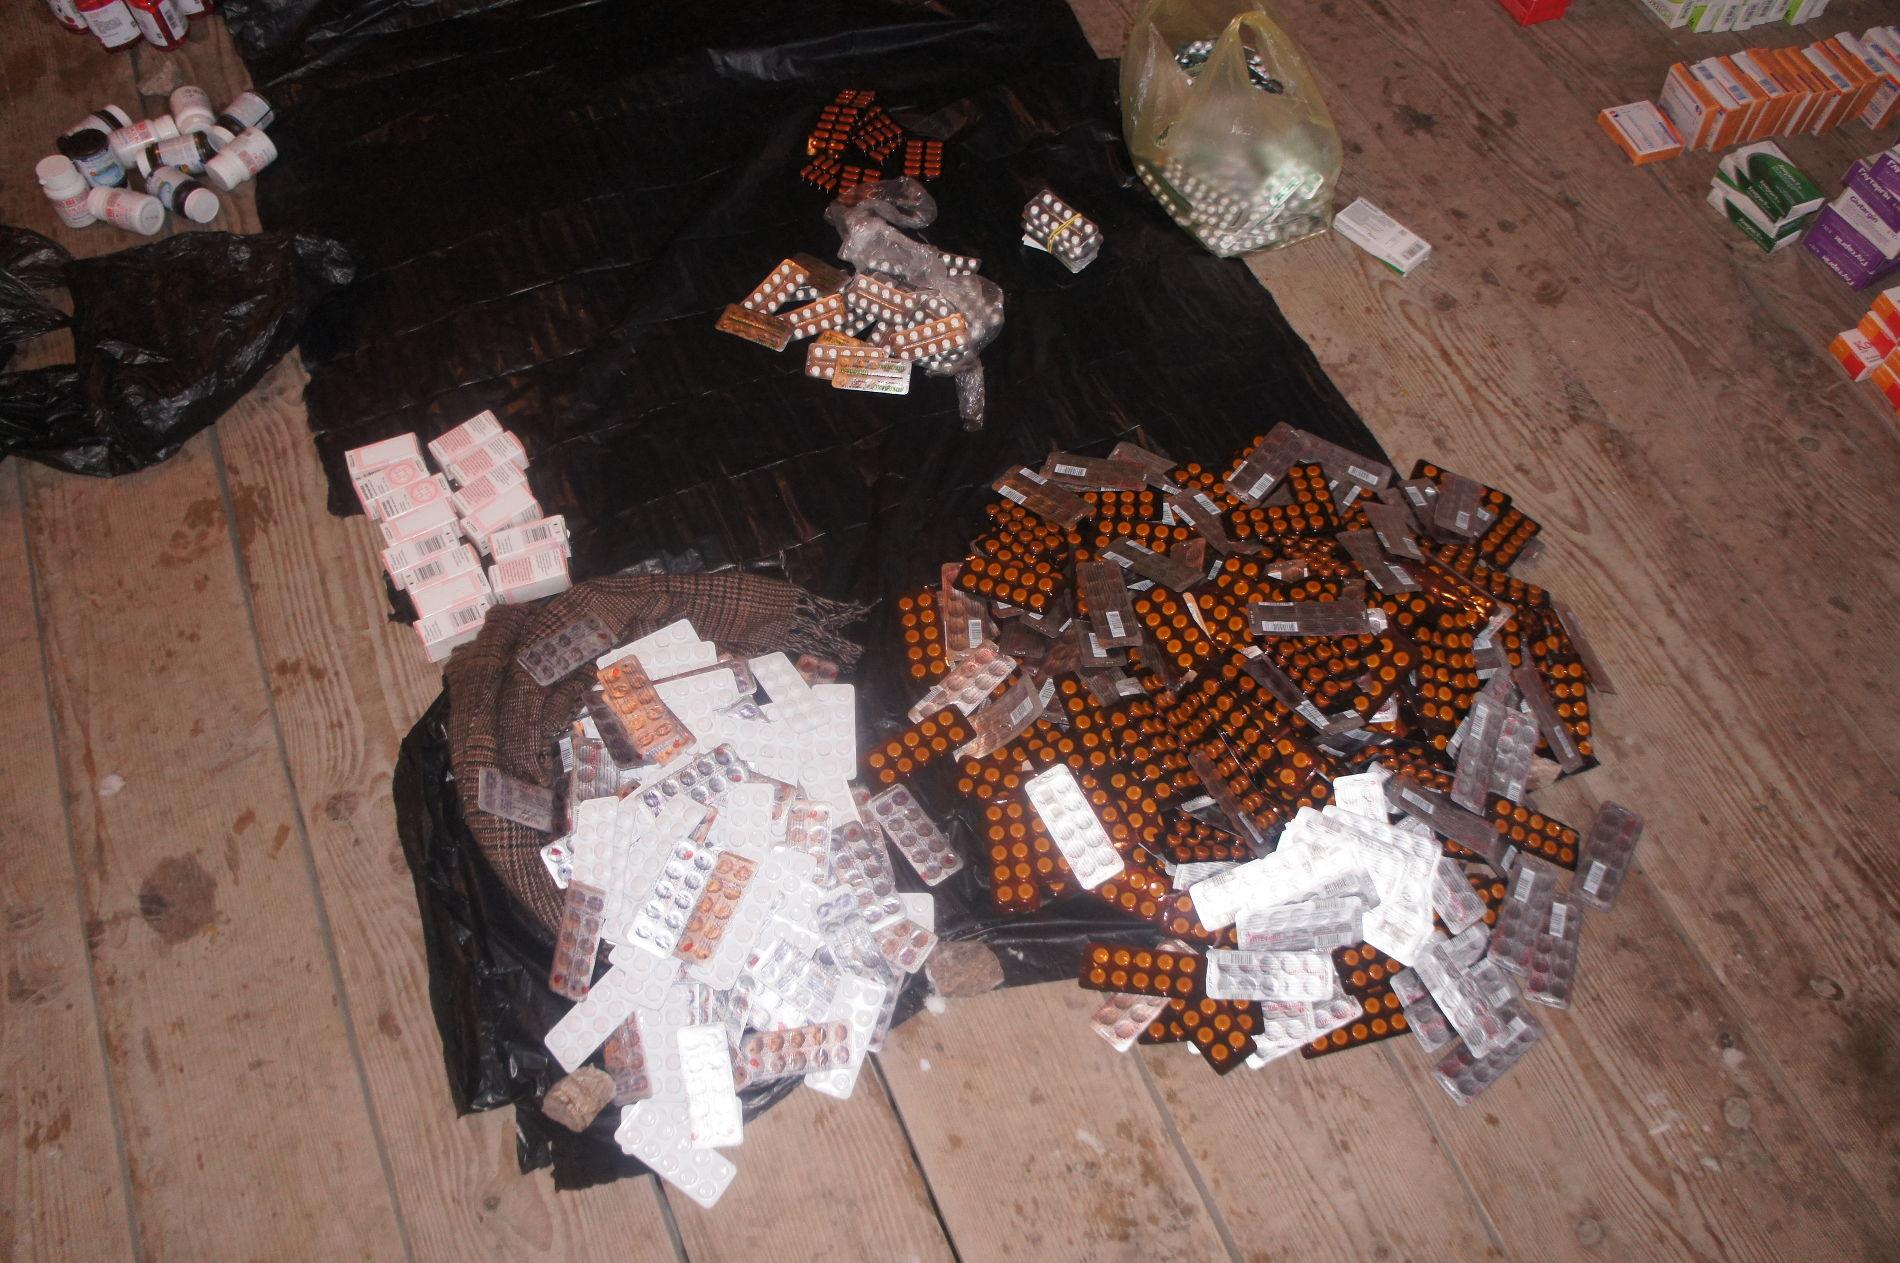 Украинец пытался контрабандой провести вКрым 50кг медикаментов